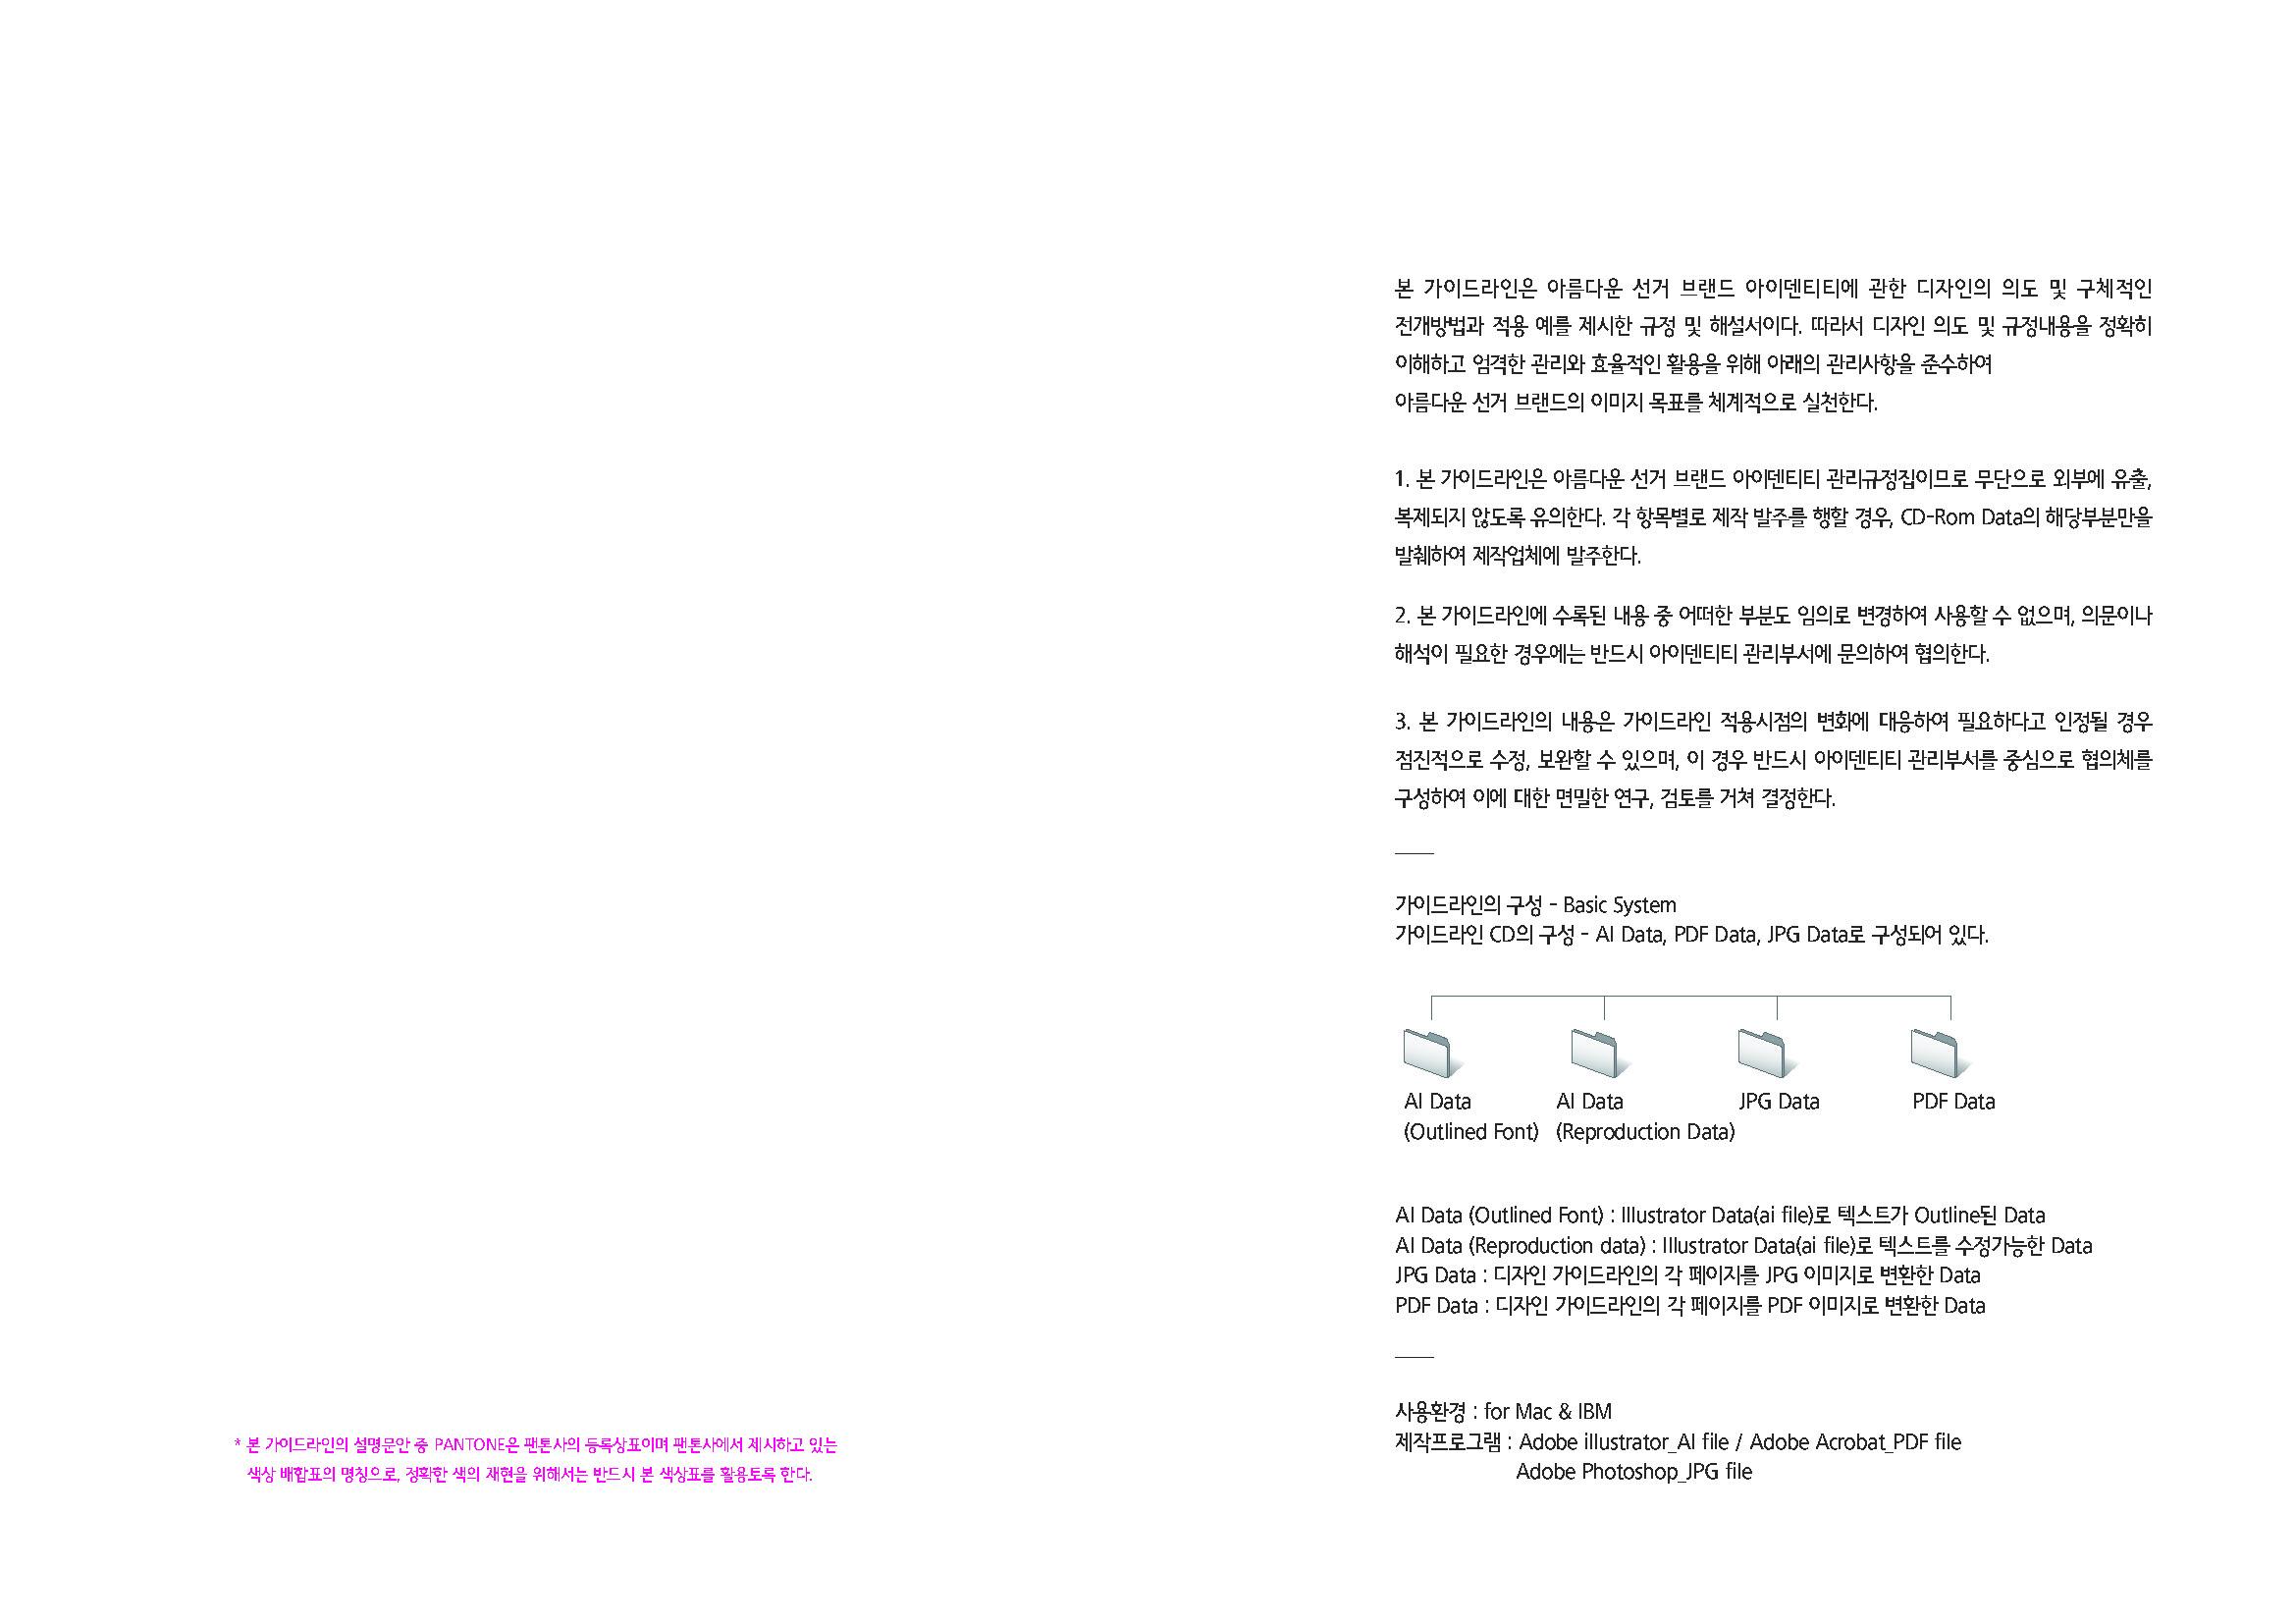 아름다운선거 BI 디자인 가이드라인_v1.3_20170309_페이지_03